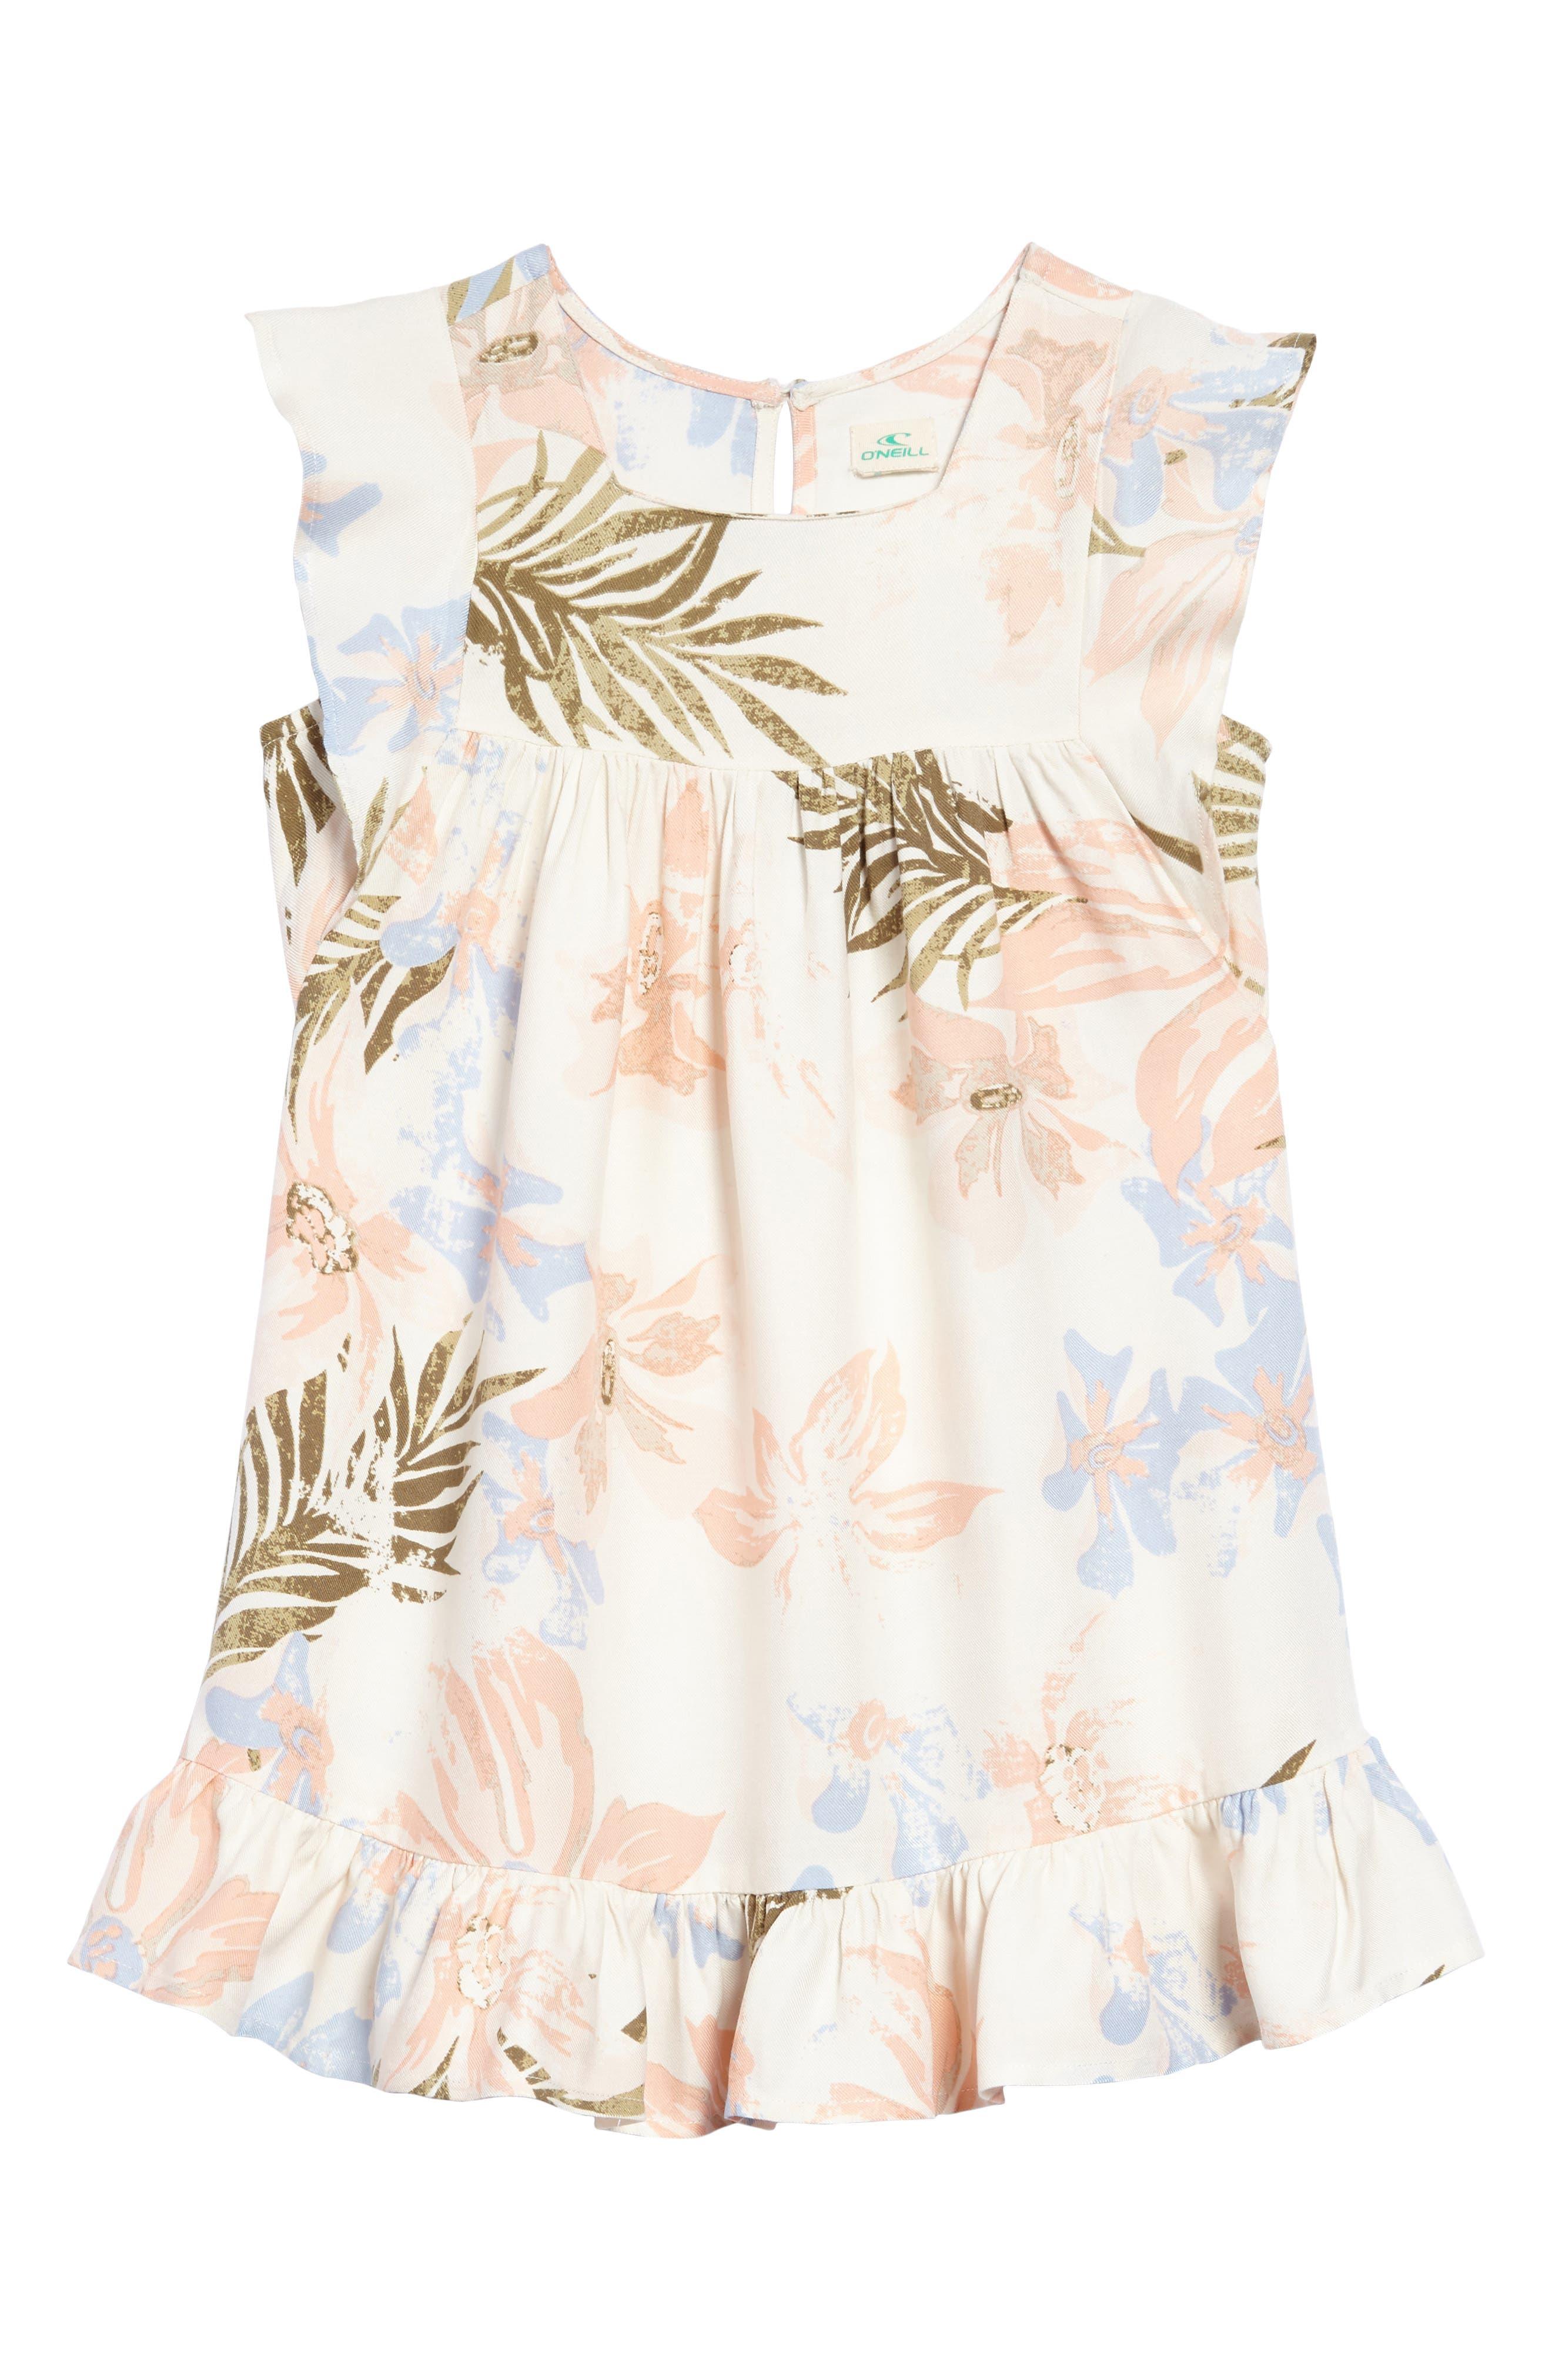 Main Image - O'Neill Britt Flutter Sleeve Dress (Toddler Girls & Little Girls)